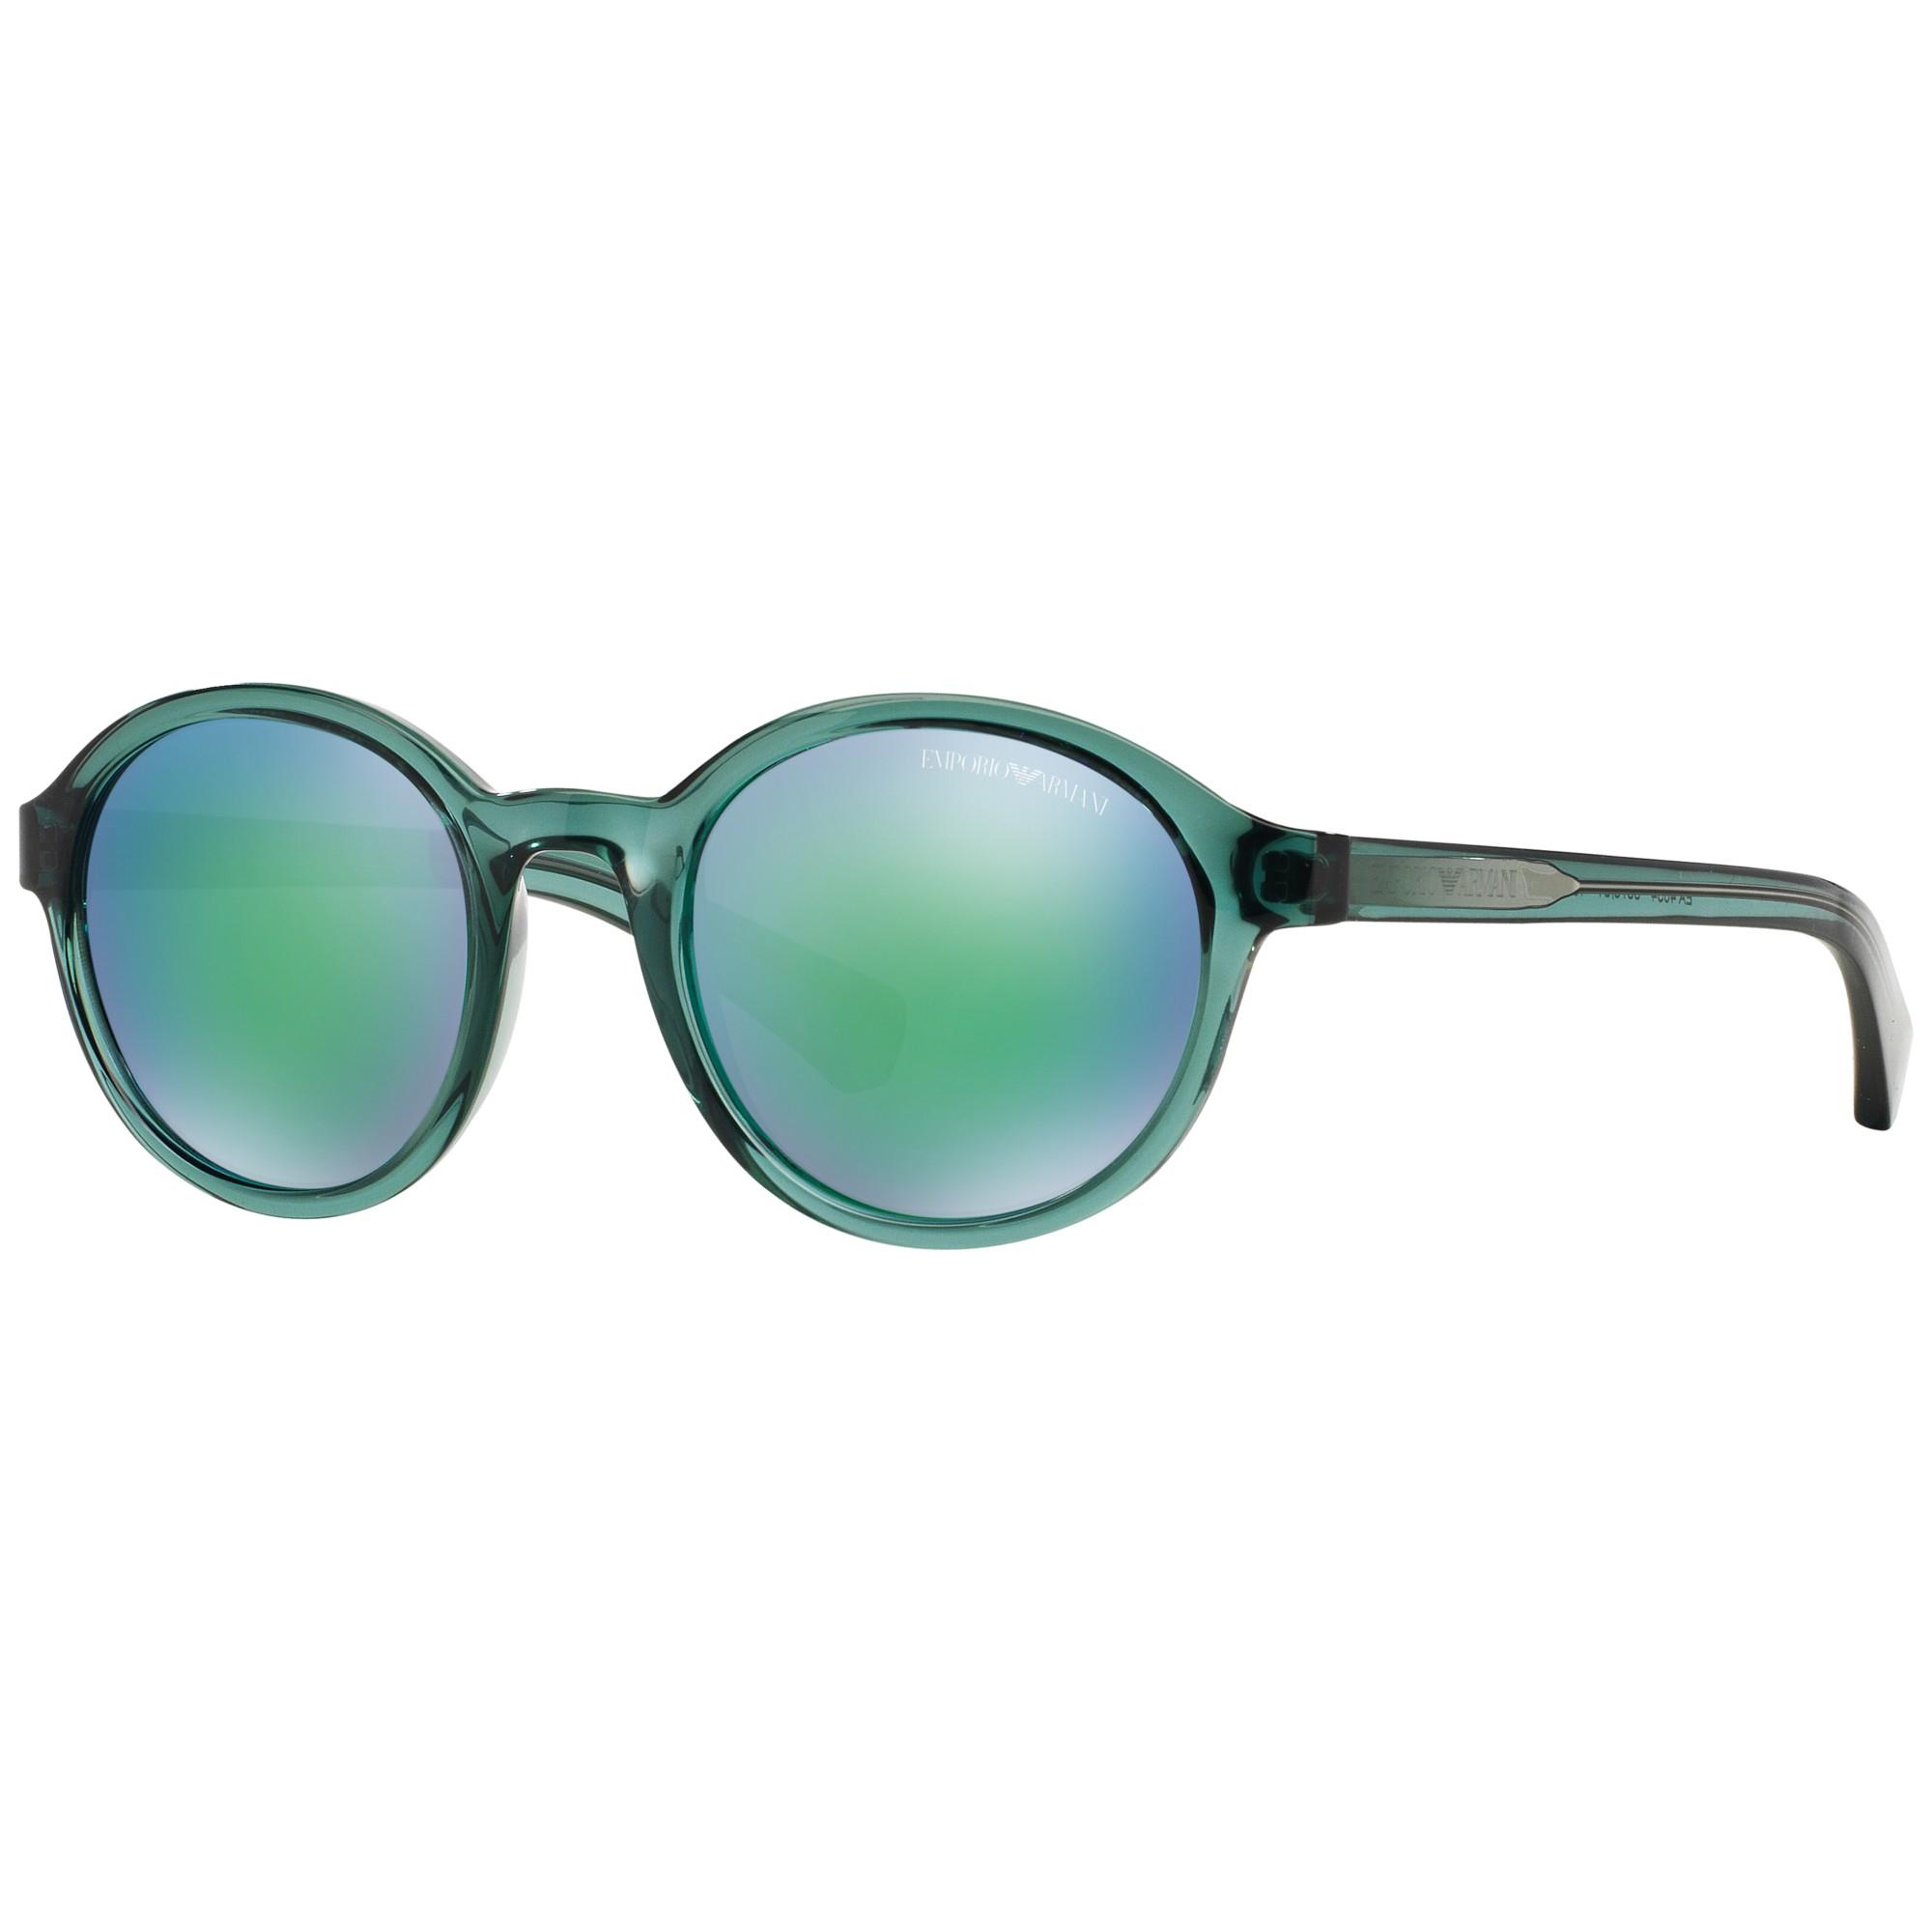 33fa539d68 Emporio Armani Ea4054 Round Framed Sunglasses in Green - Lyst